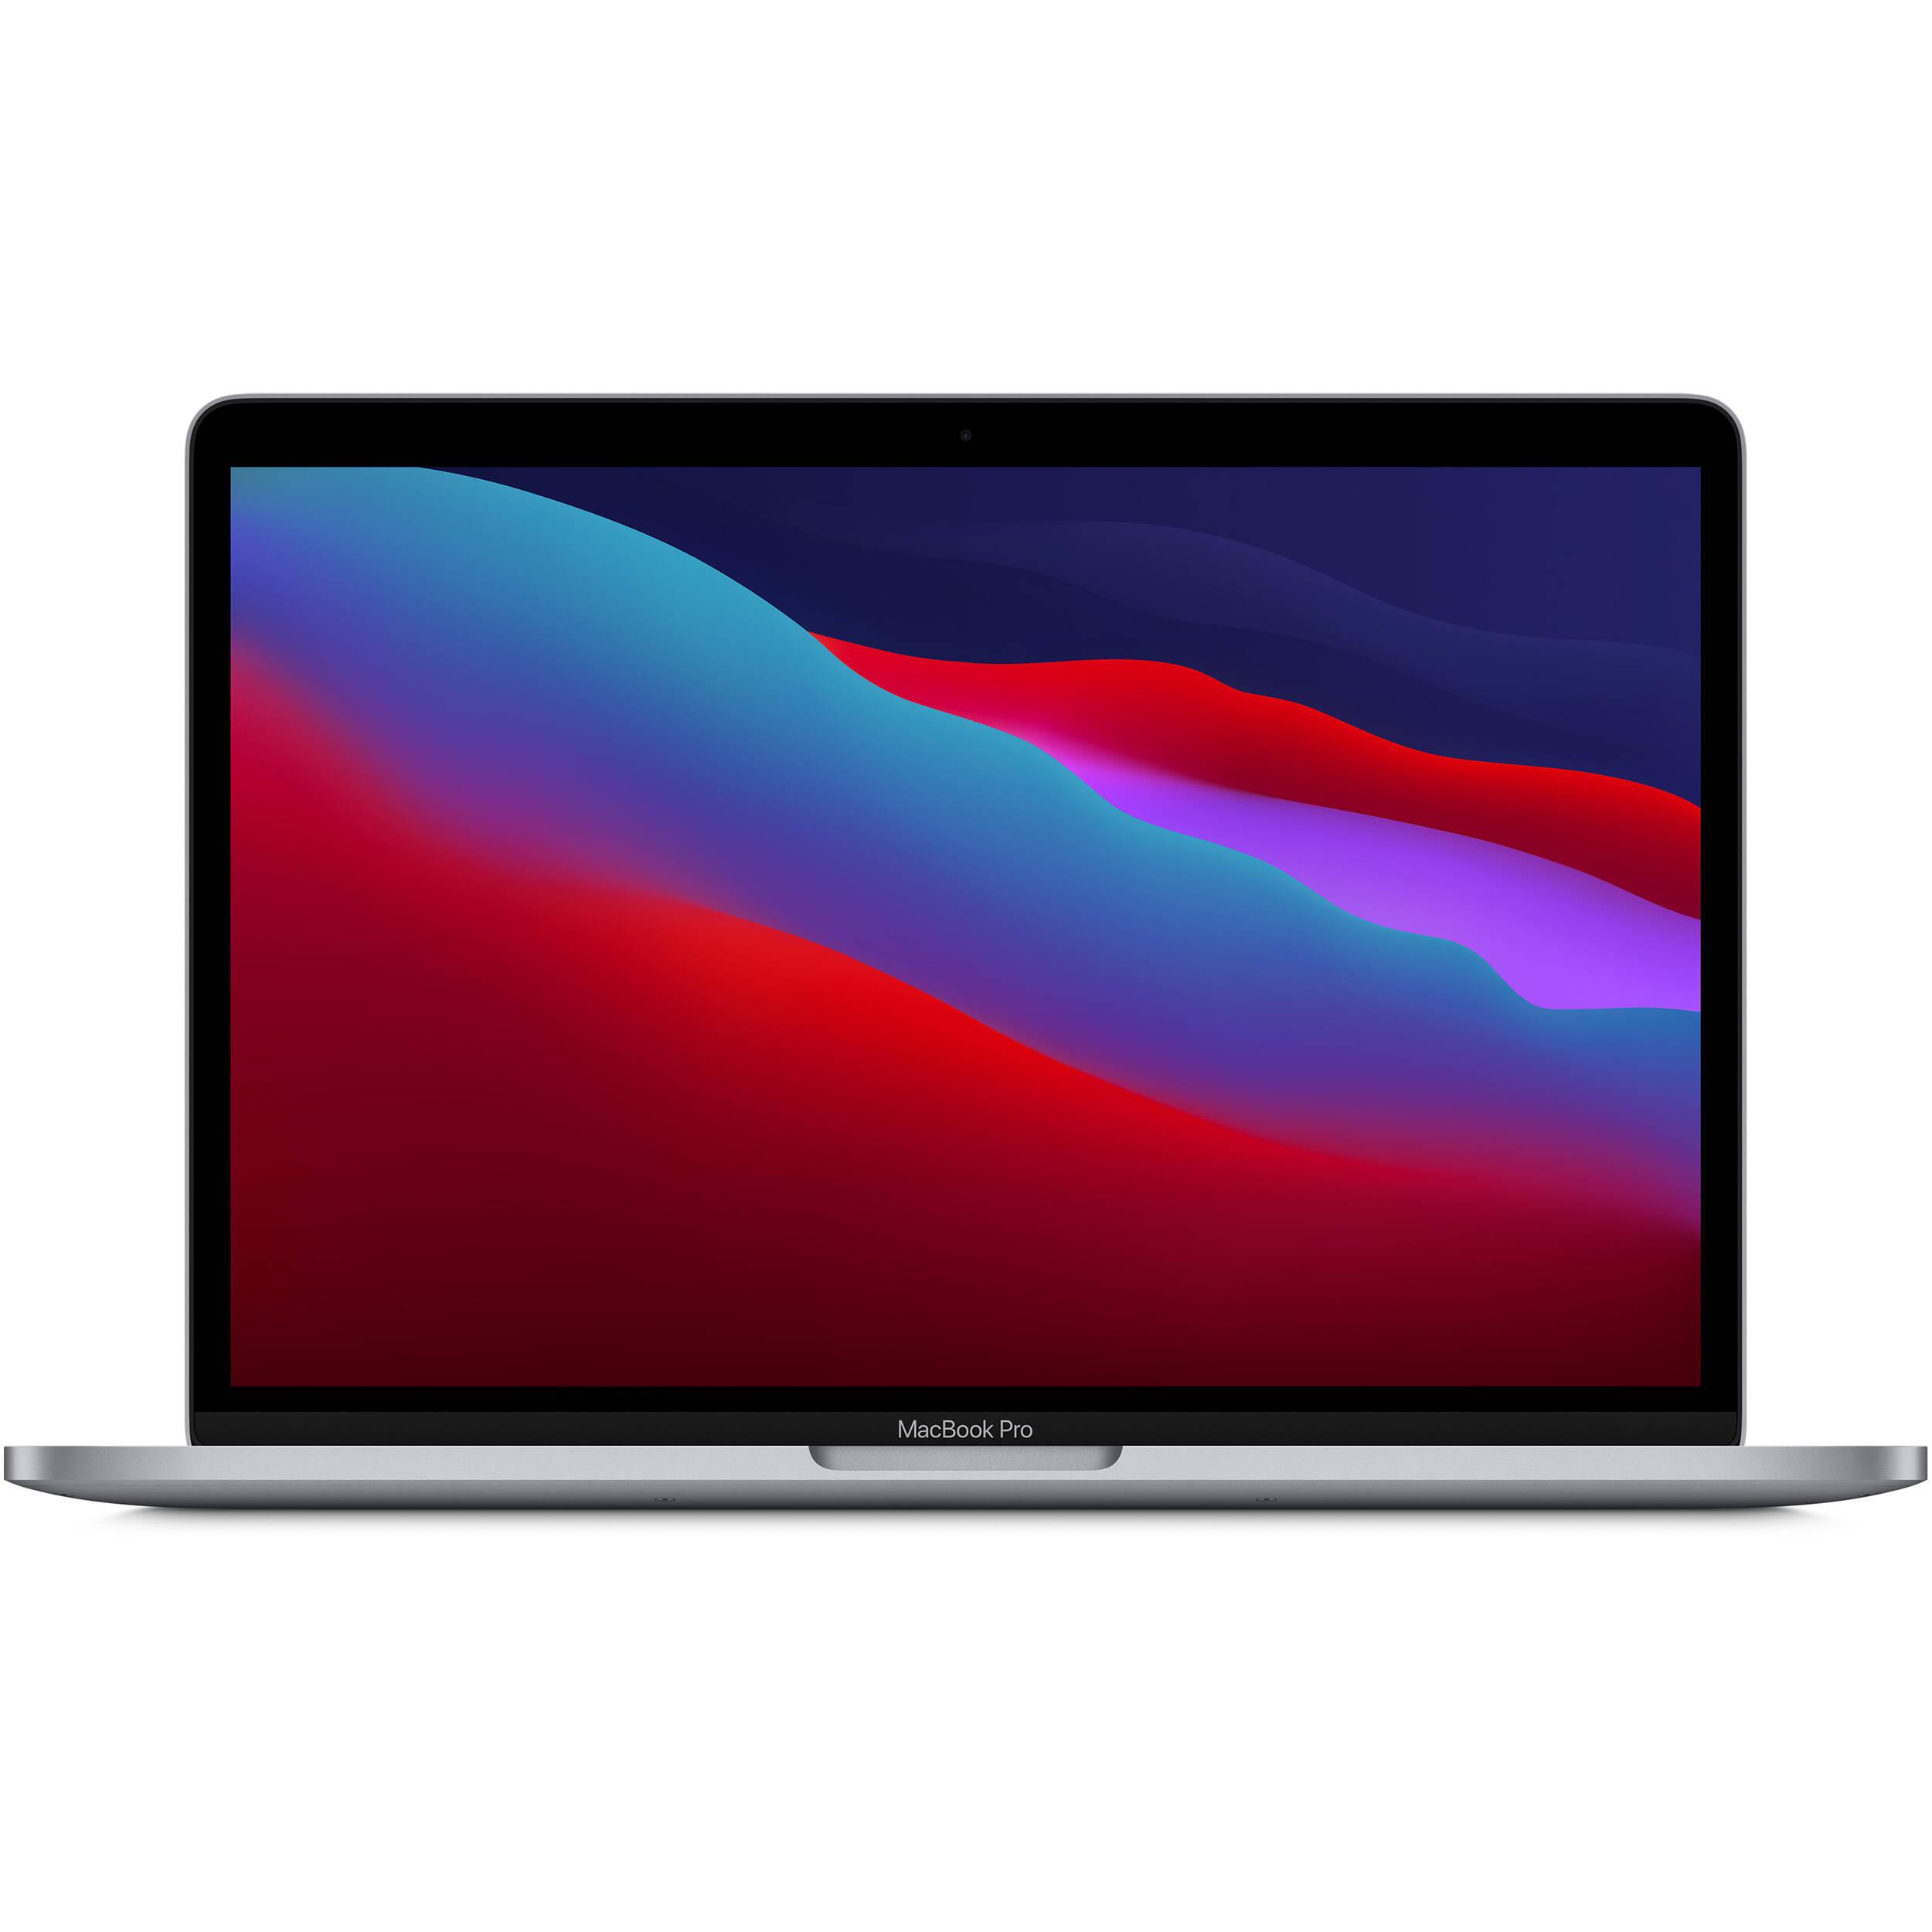 فروش نقدی و اقساطی لپ تاپ 13 اینچی اپل مدل MacBook Pro MYD82 2020 همراه با تاچ بار